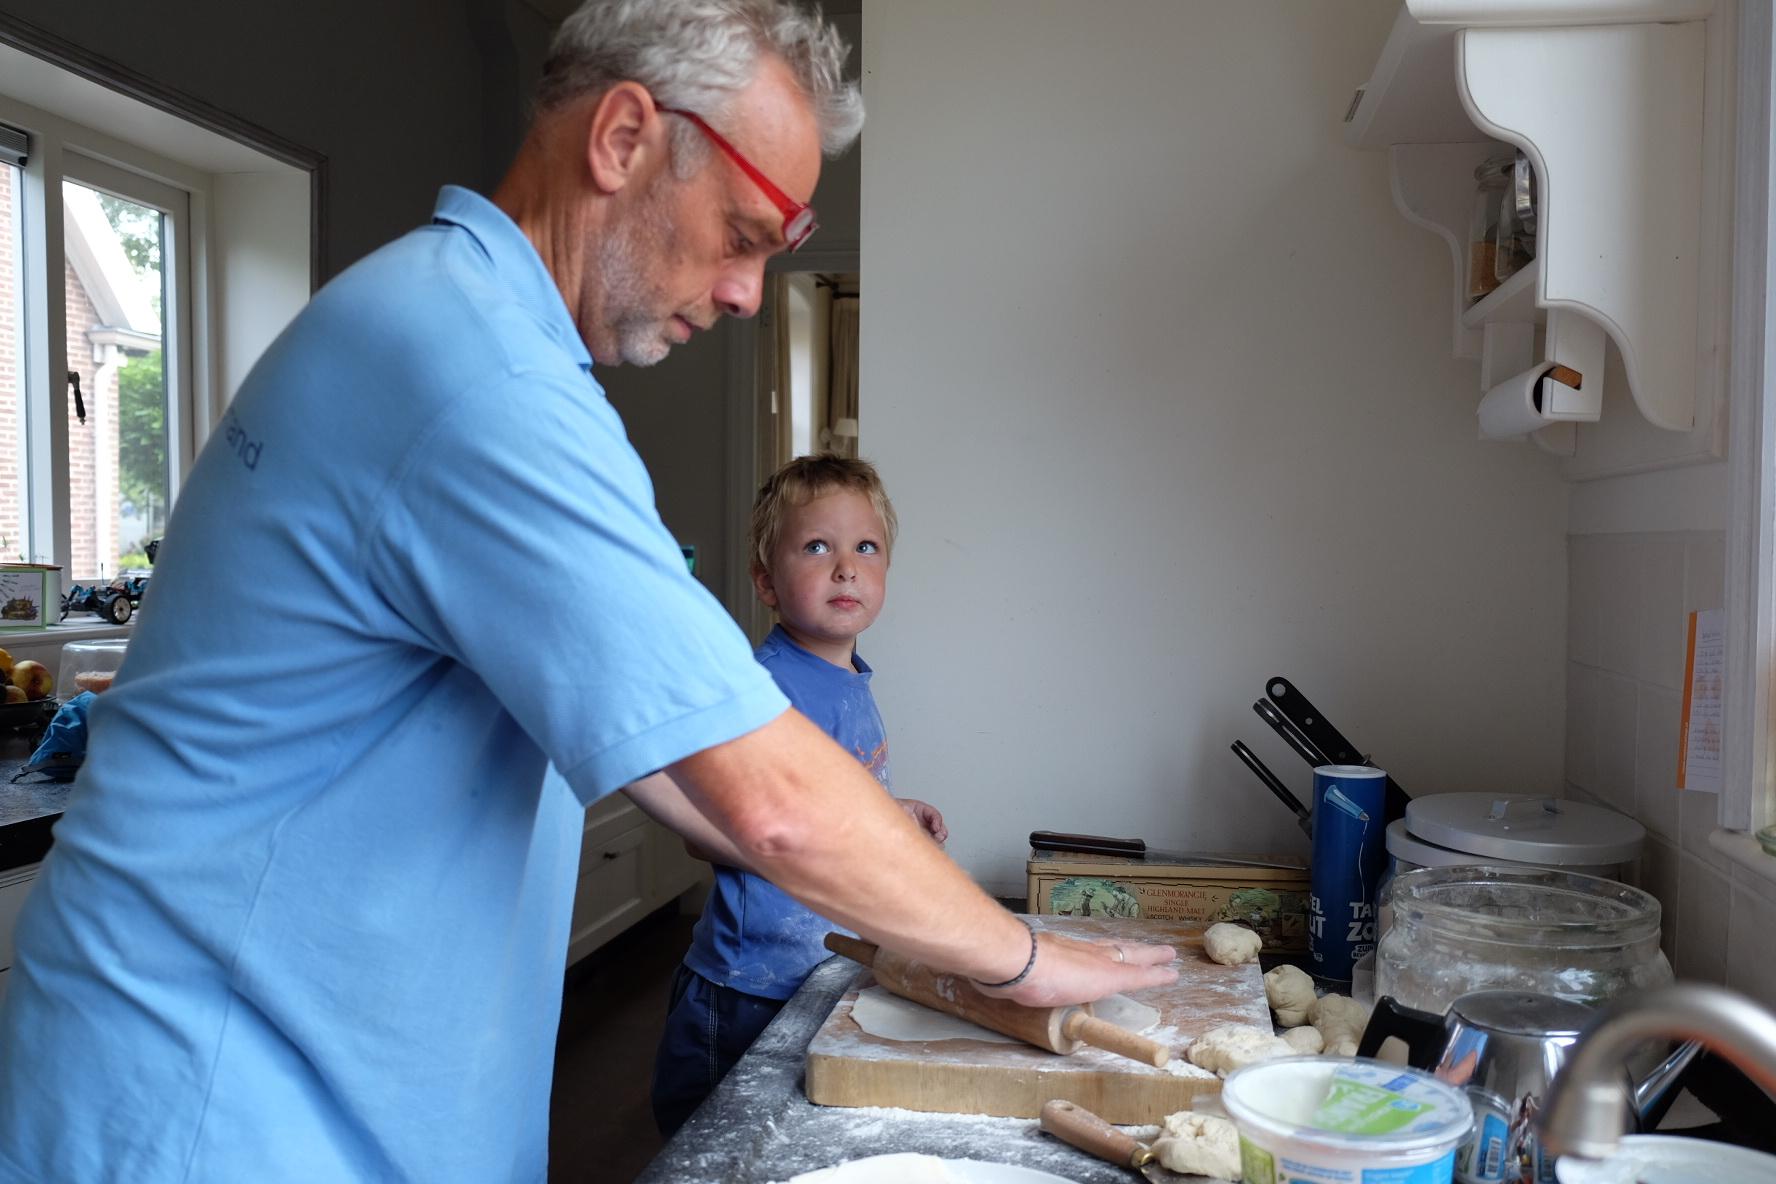 C'est en Hollande qu'on apprend à faire le pain turc ;) Elio est un très bon assistant !    Carolein, Frank et leurs enfants vivent dans une maison qui date de 1876. Ils l'ont rénovée eux-mêmes alors que leur fille et leurs jumeaux étaient encore petits. Un long travail pendant les 6 ans de travaux, beaucoup de courage et de determination. Voici leur vision de l'aventure.